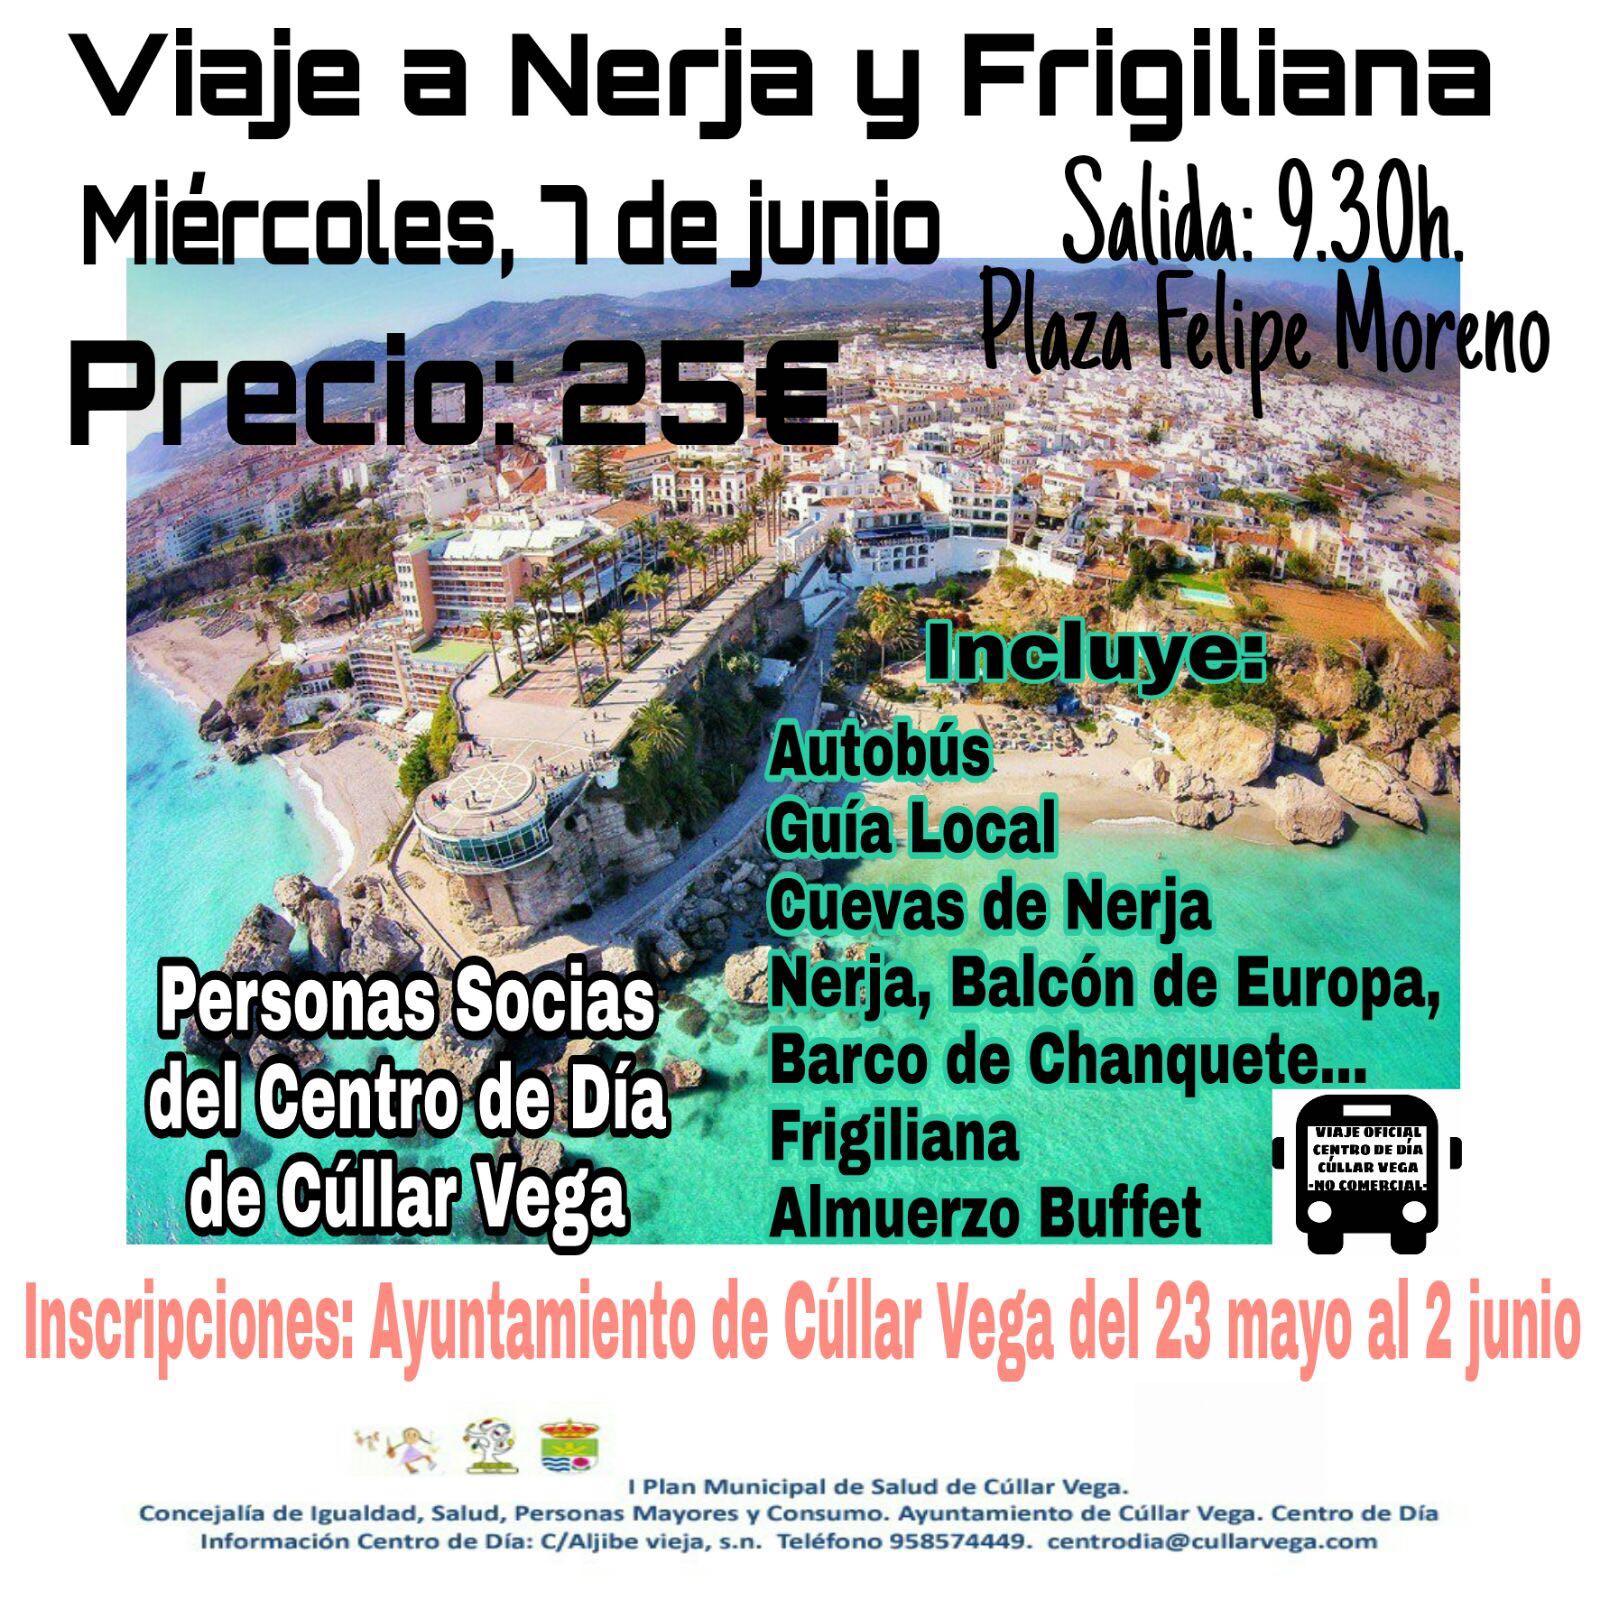 Viaje a Nerja y Frigiliana del Centro de Día